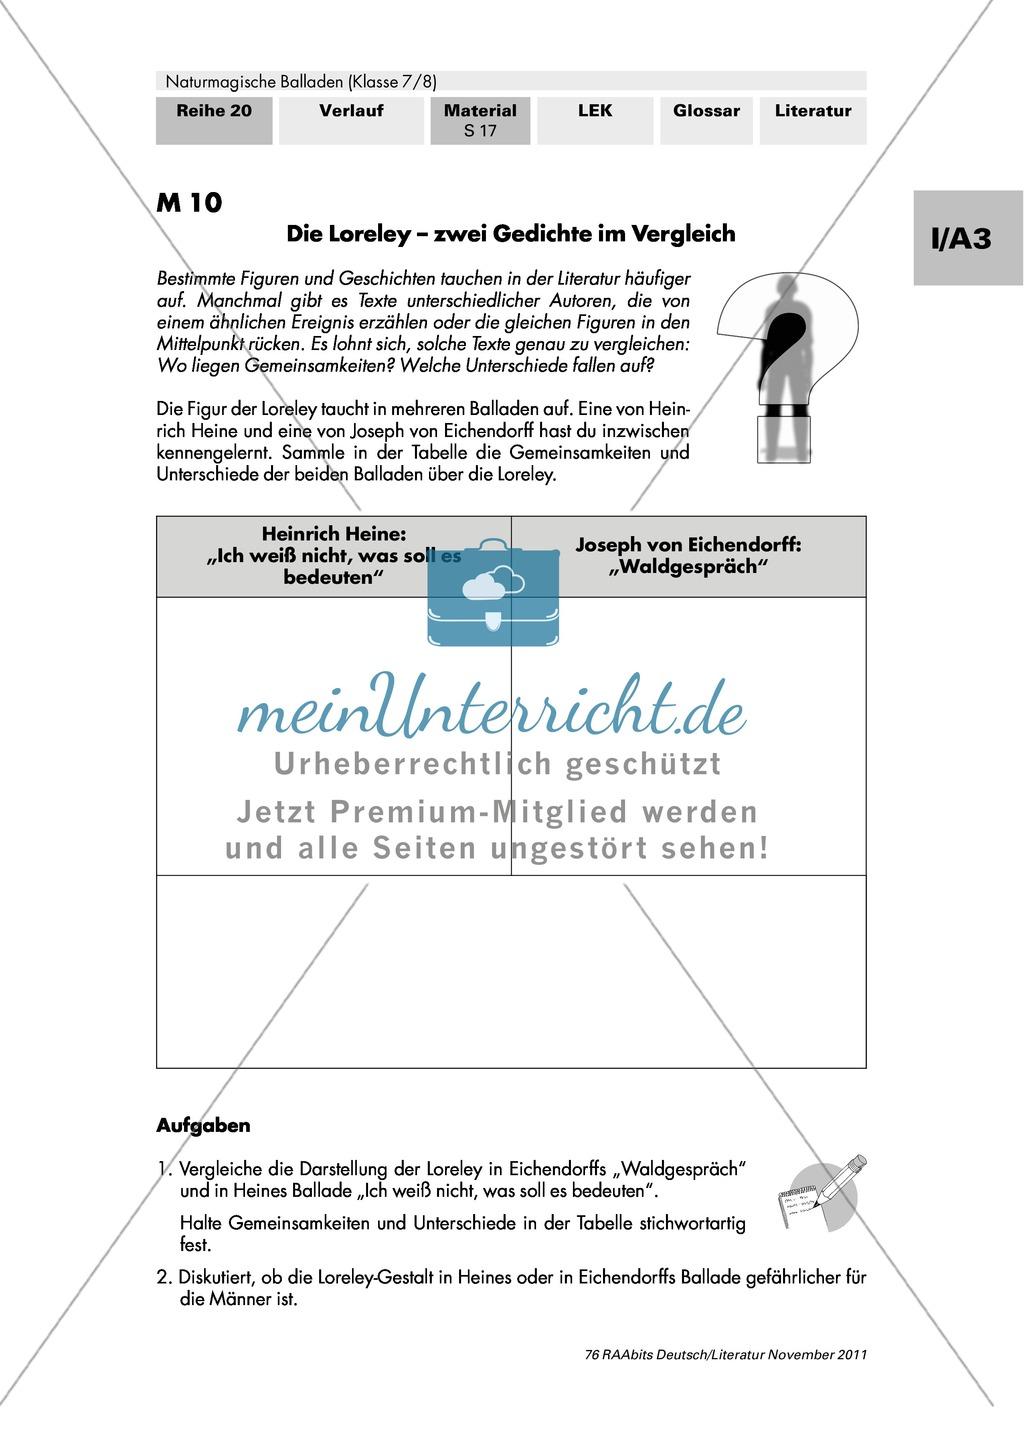 Die Loreley bei Heine und Eichendorff vergleichen - meinUnterricht